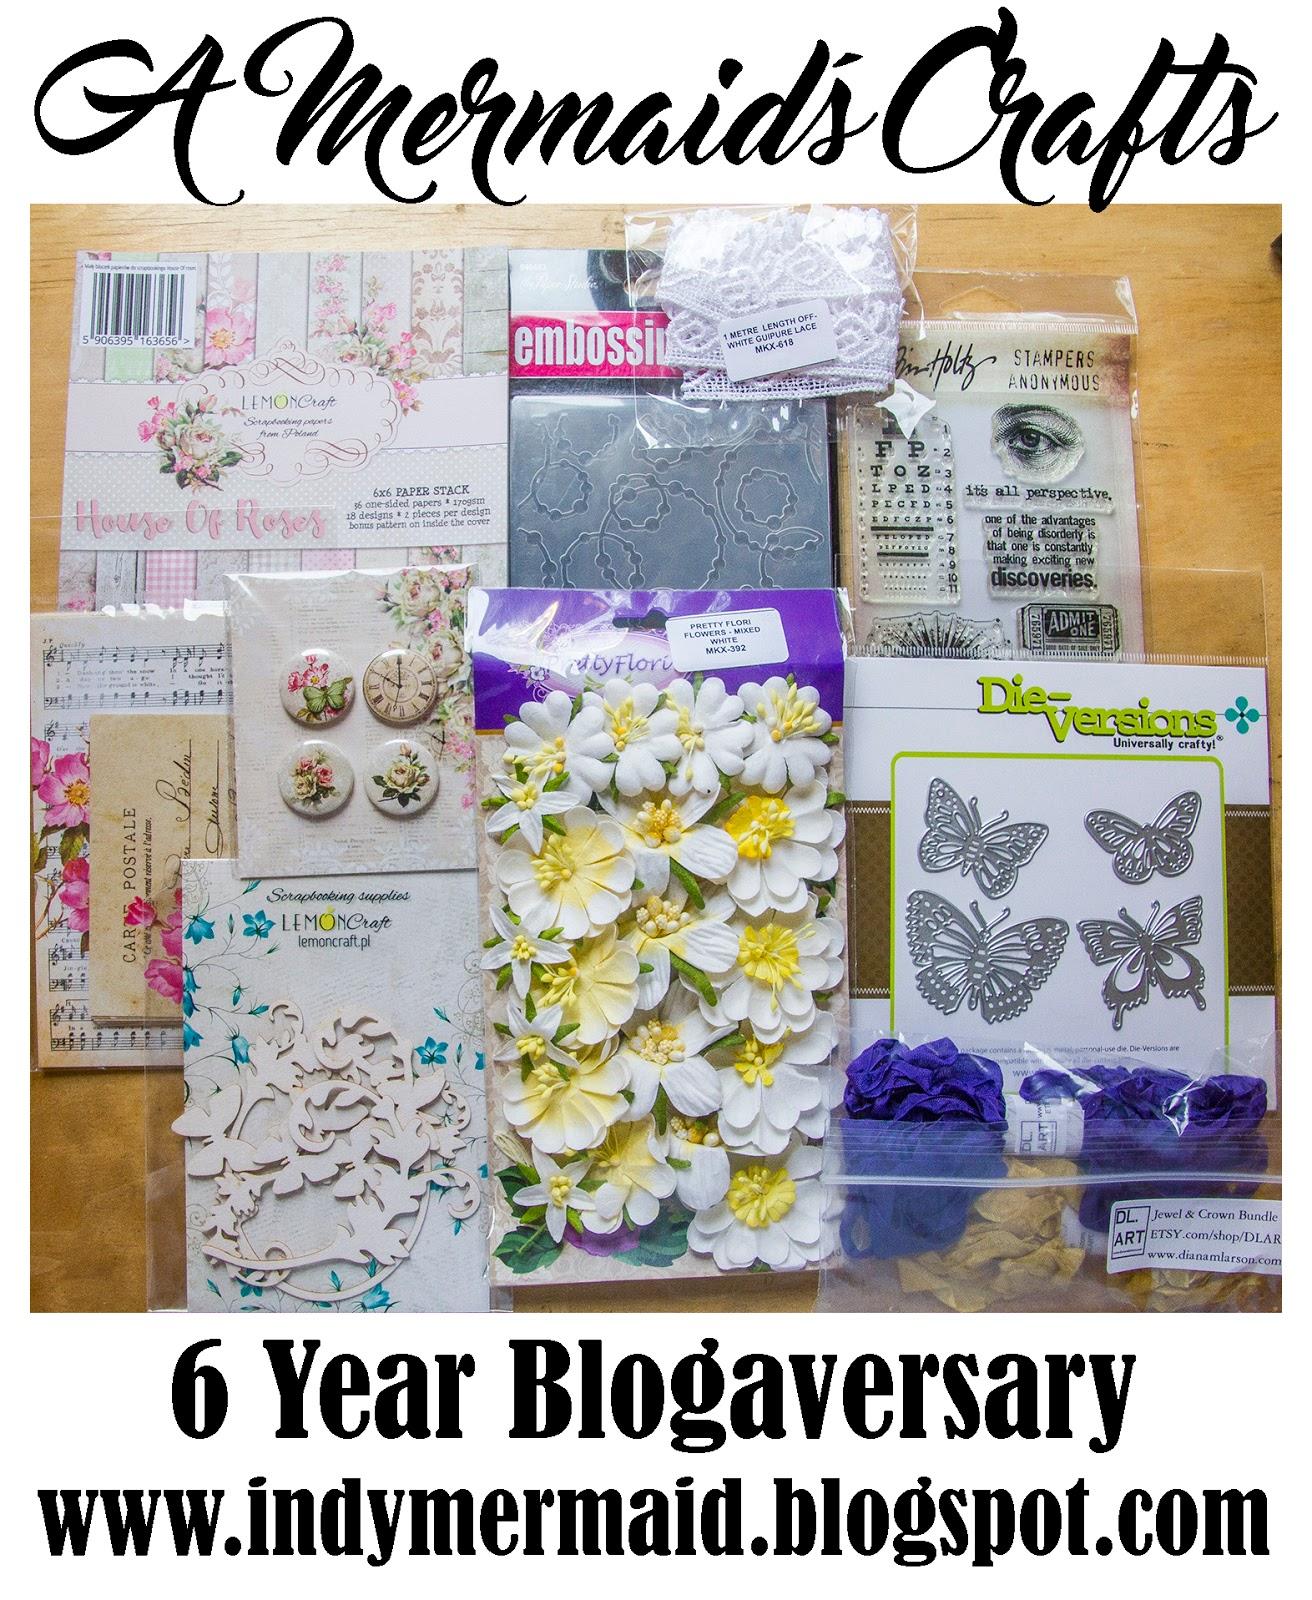 Lisa's 6 Year Blogaversary